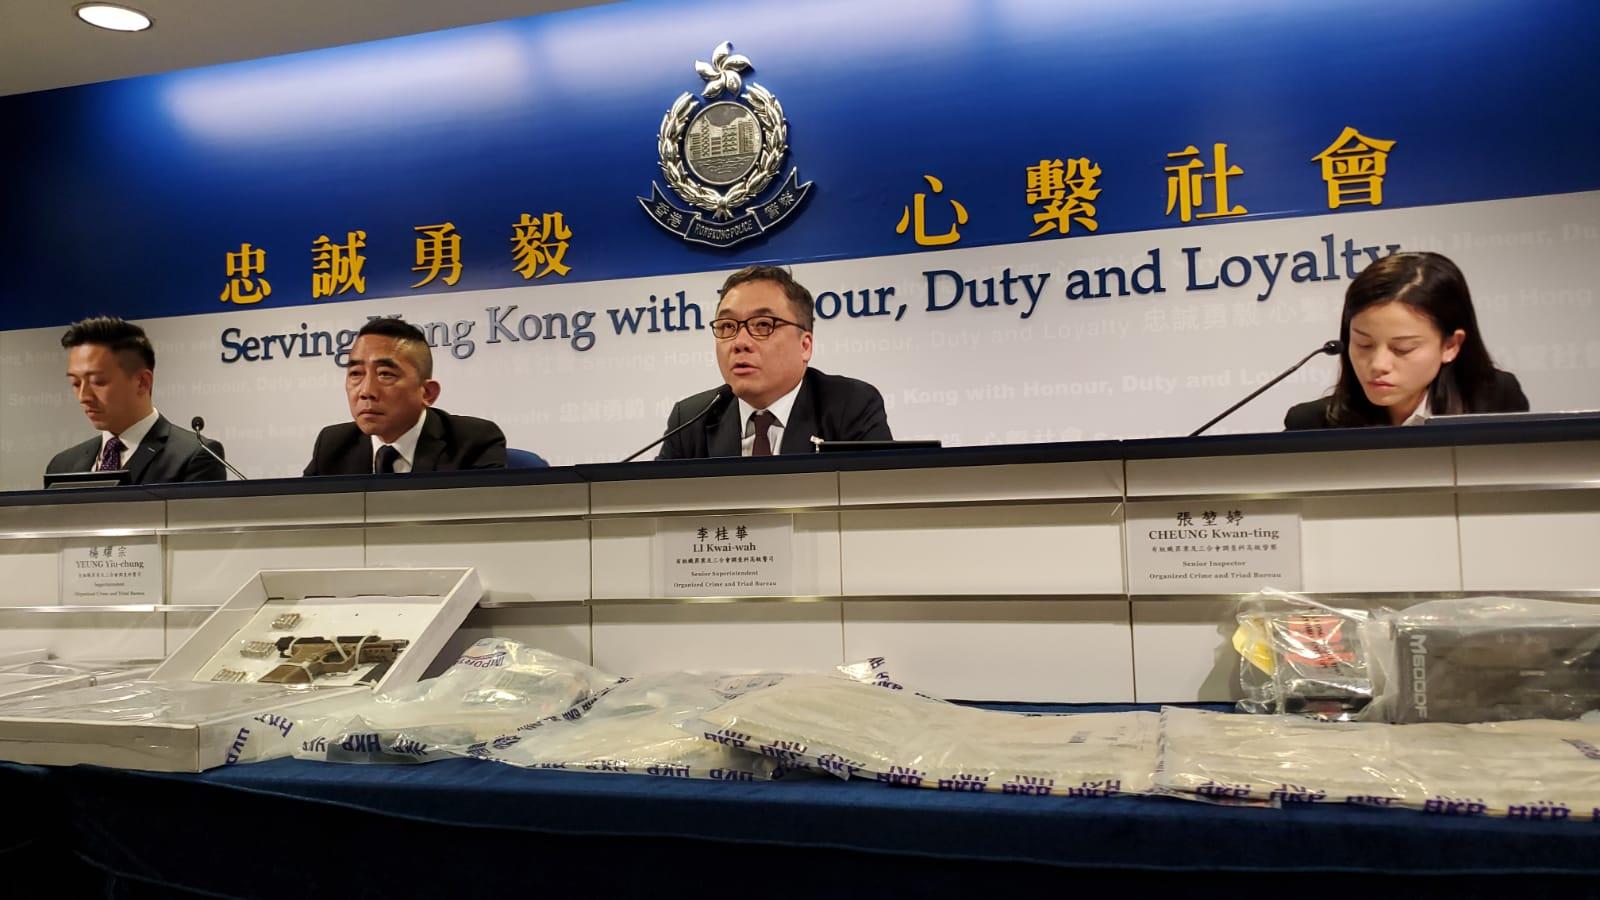 警检手枪92发子弹 被捕男子涉装嵌分发集团